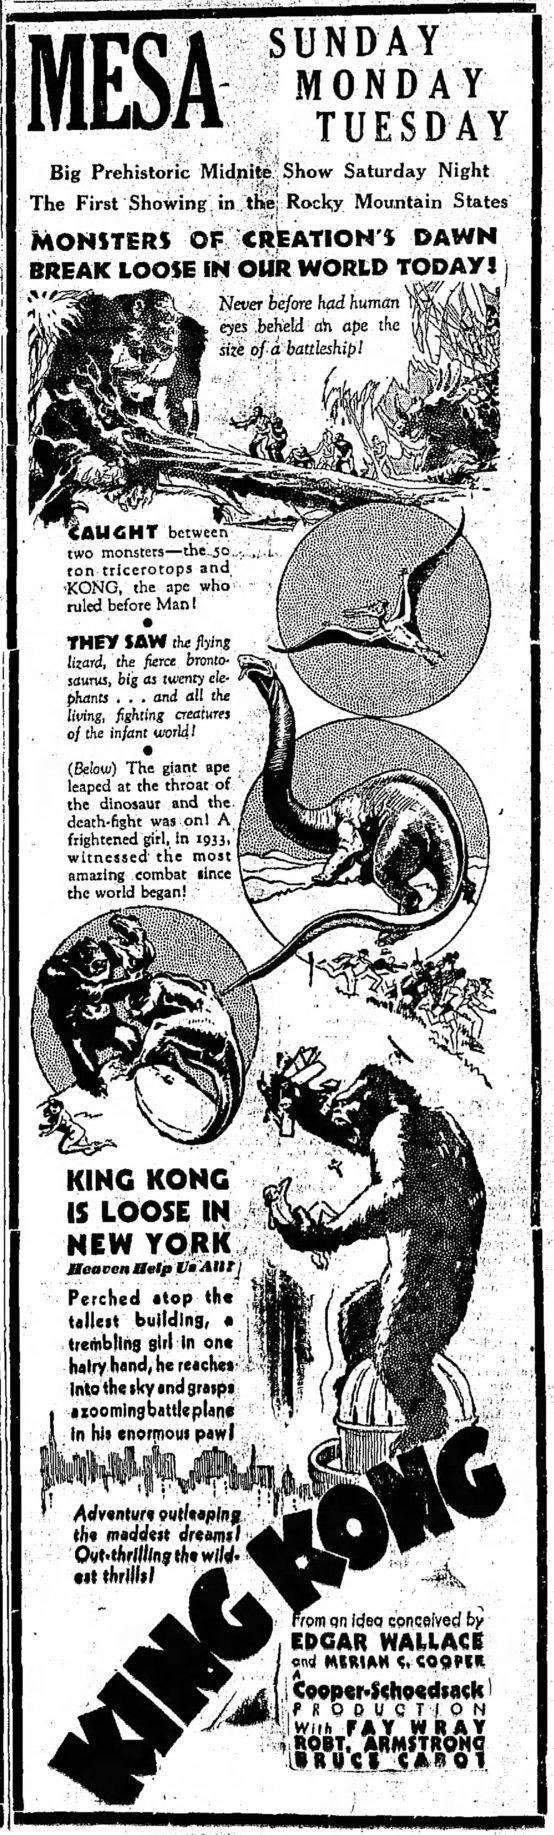 King Kong 1933 newspaper ad